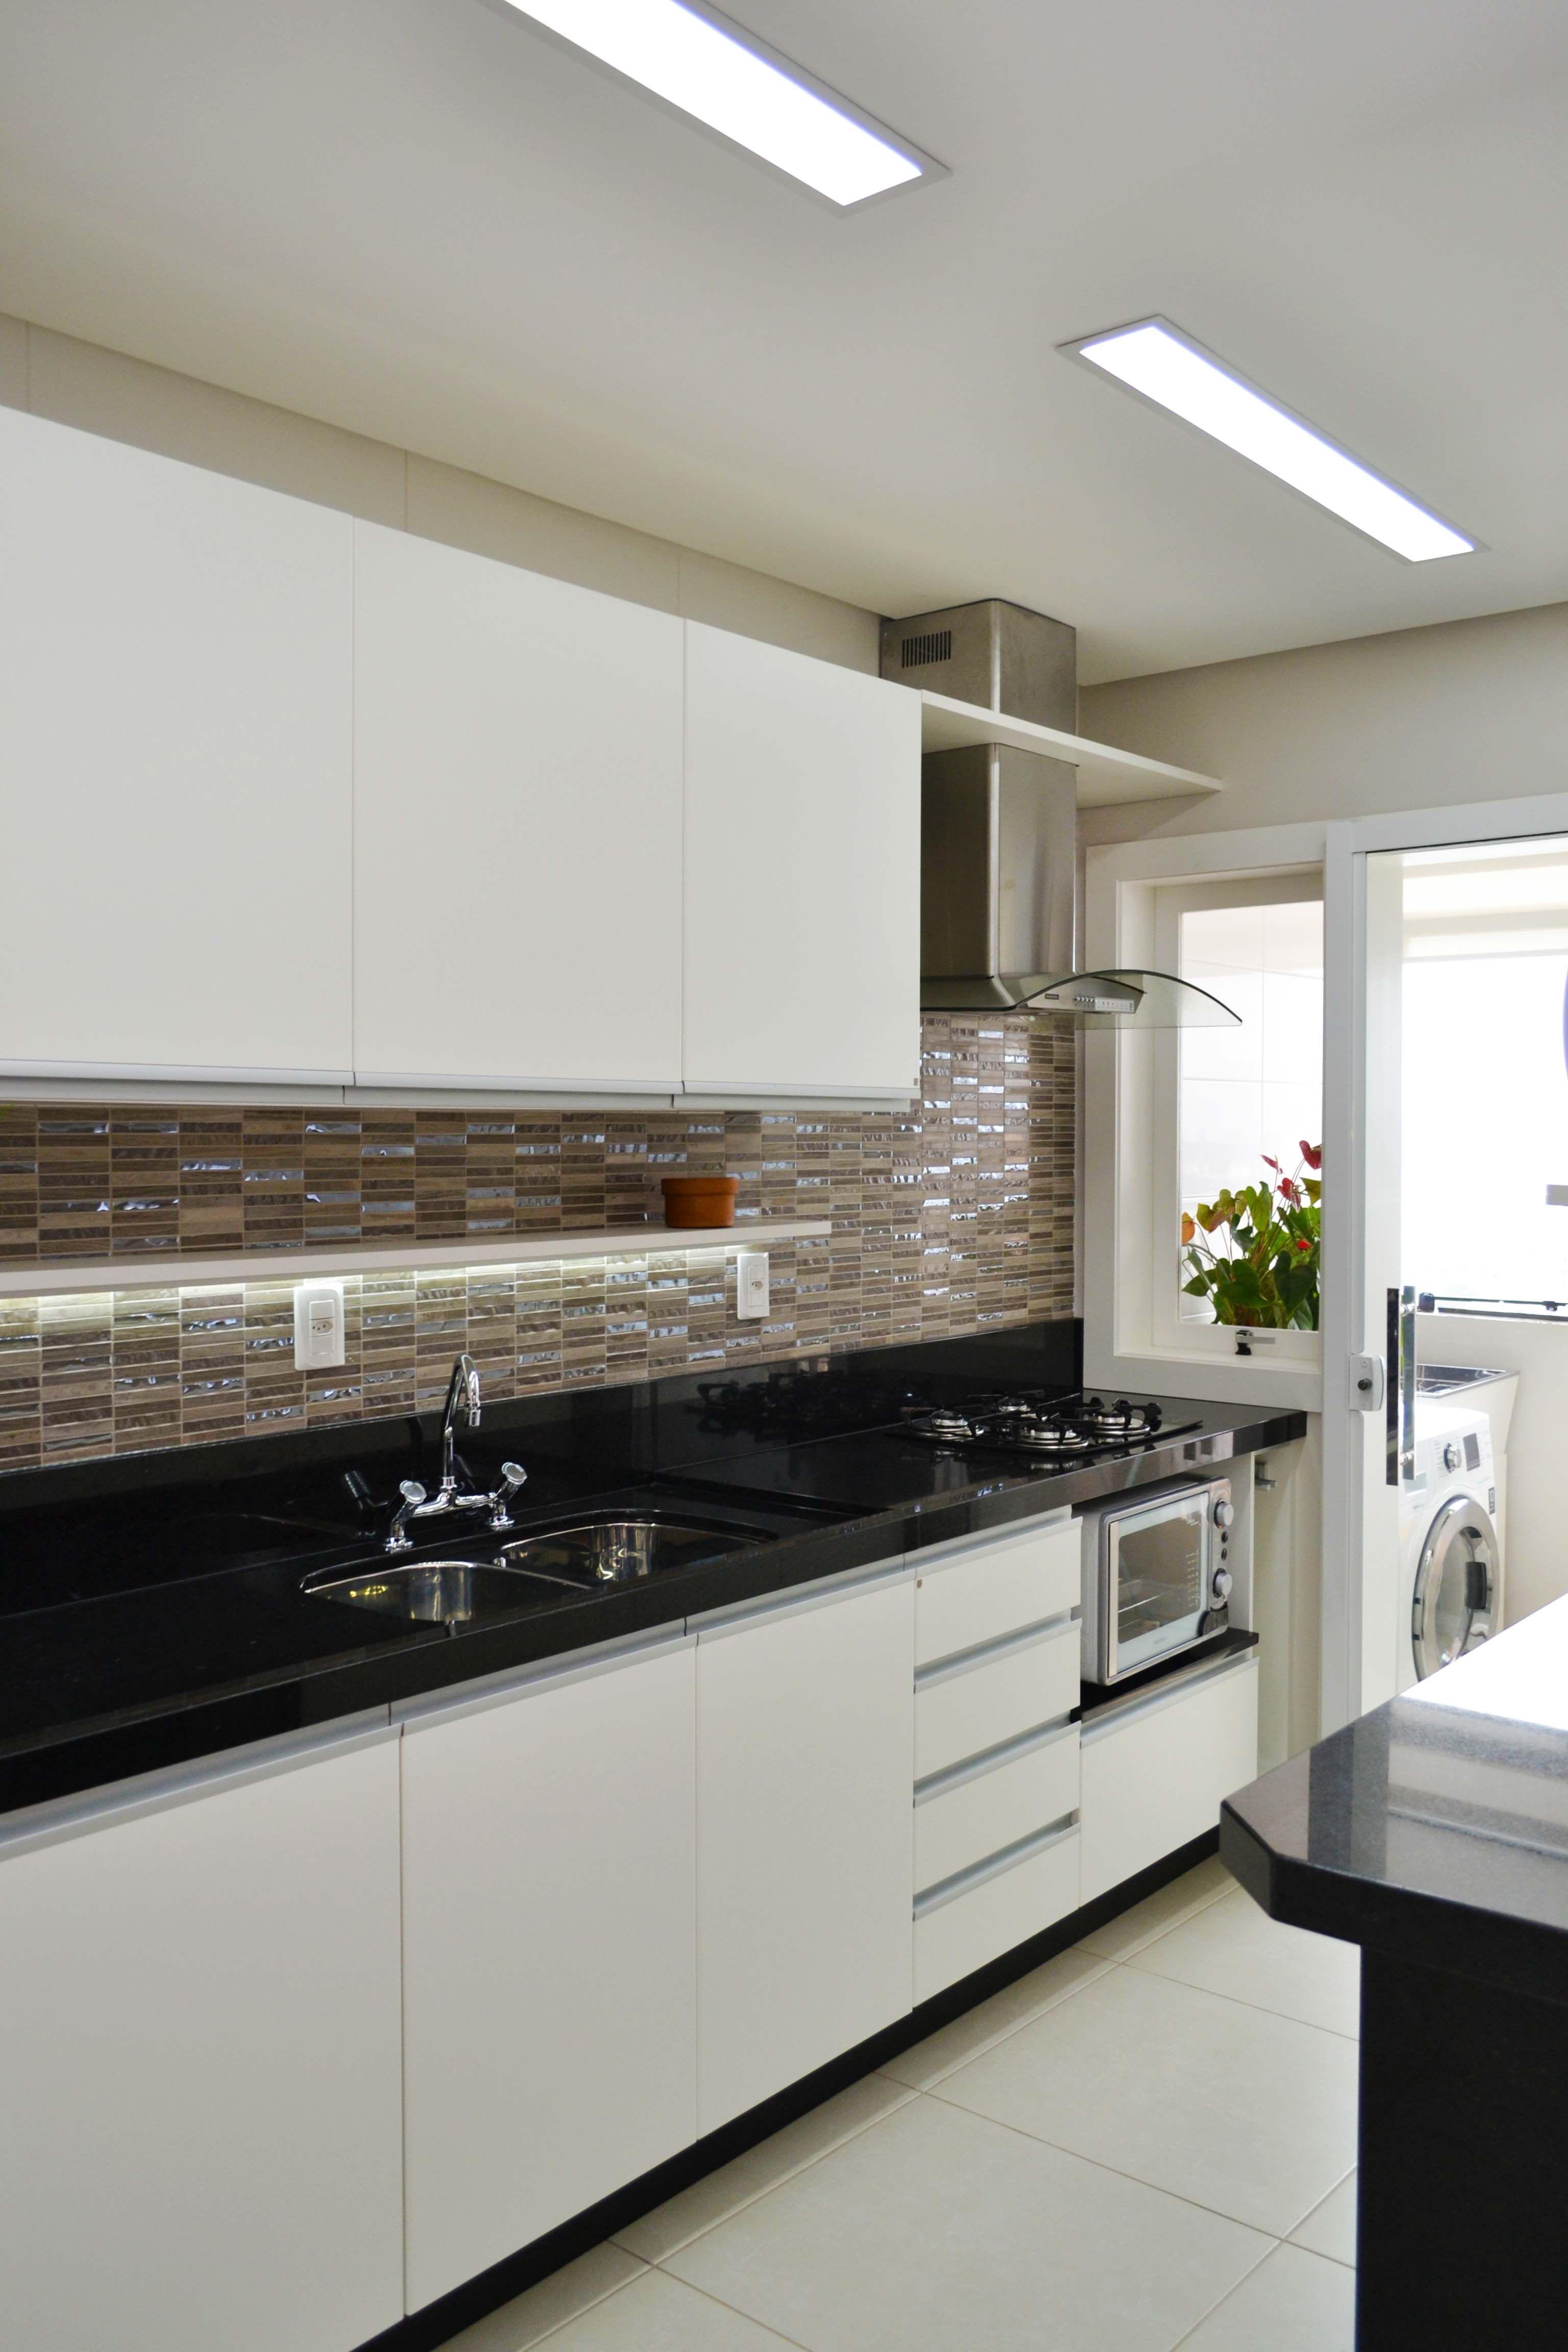 JOIN    Cozinha Bairro Centro Kitchen Design, Kitchen Decor, Modern Kitchen  Cabinets, bc4411b128